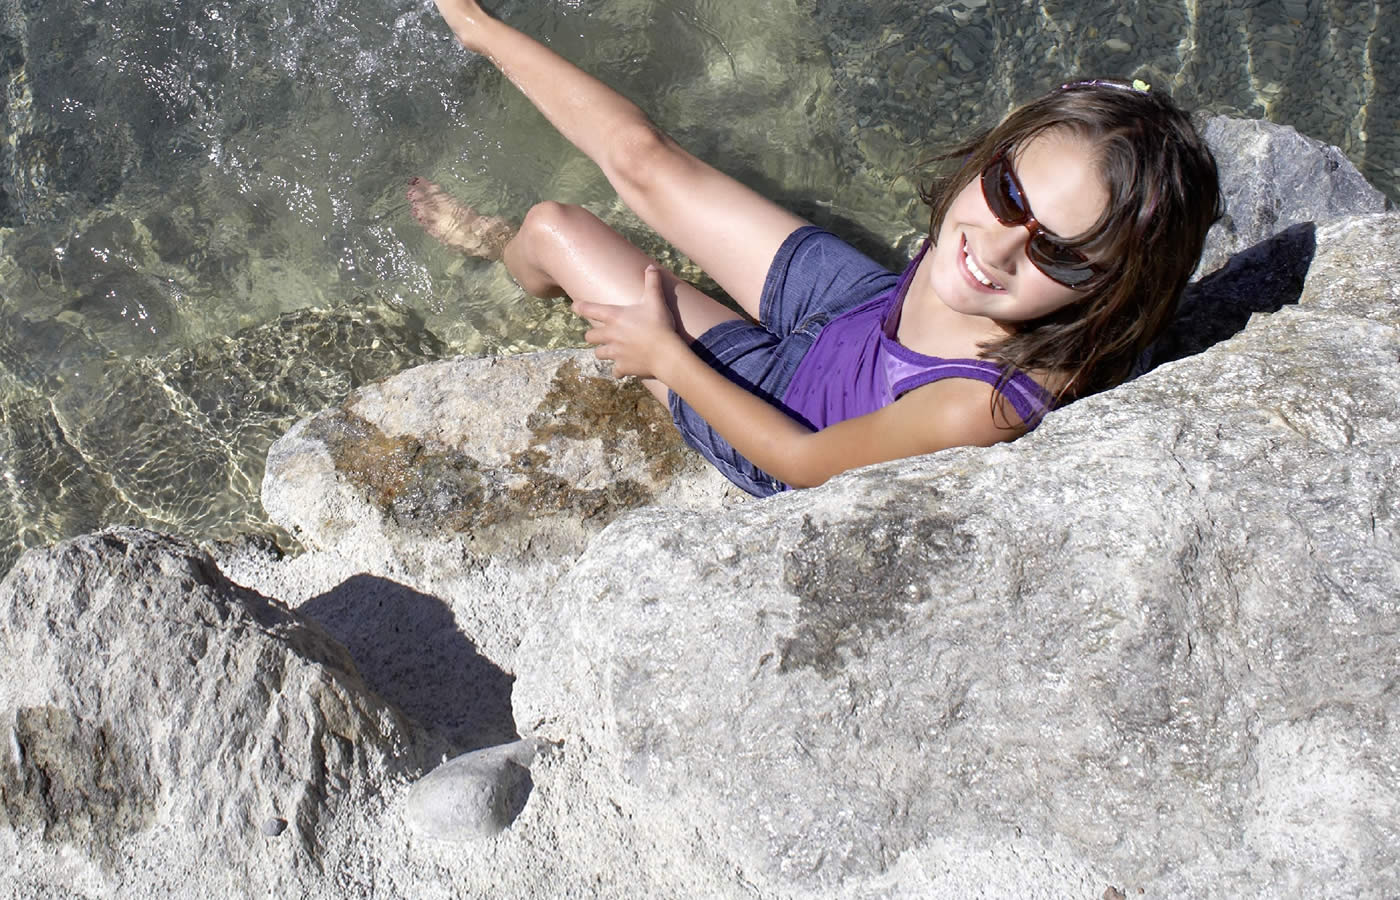 Murmliwasser in Serfaus. Familien-Wasserspaß im Sommer.